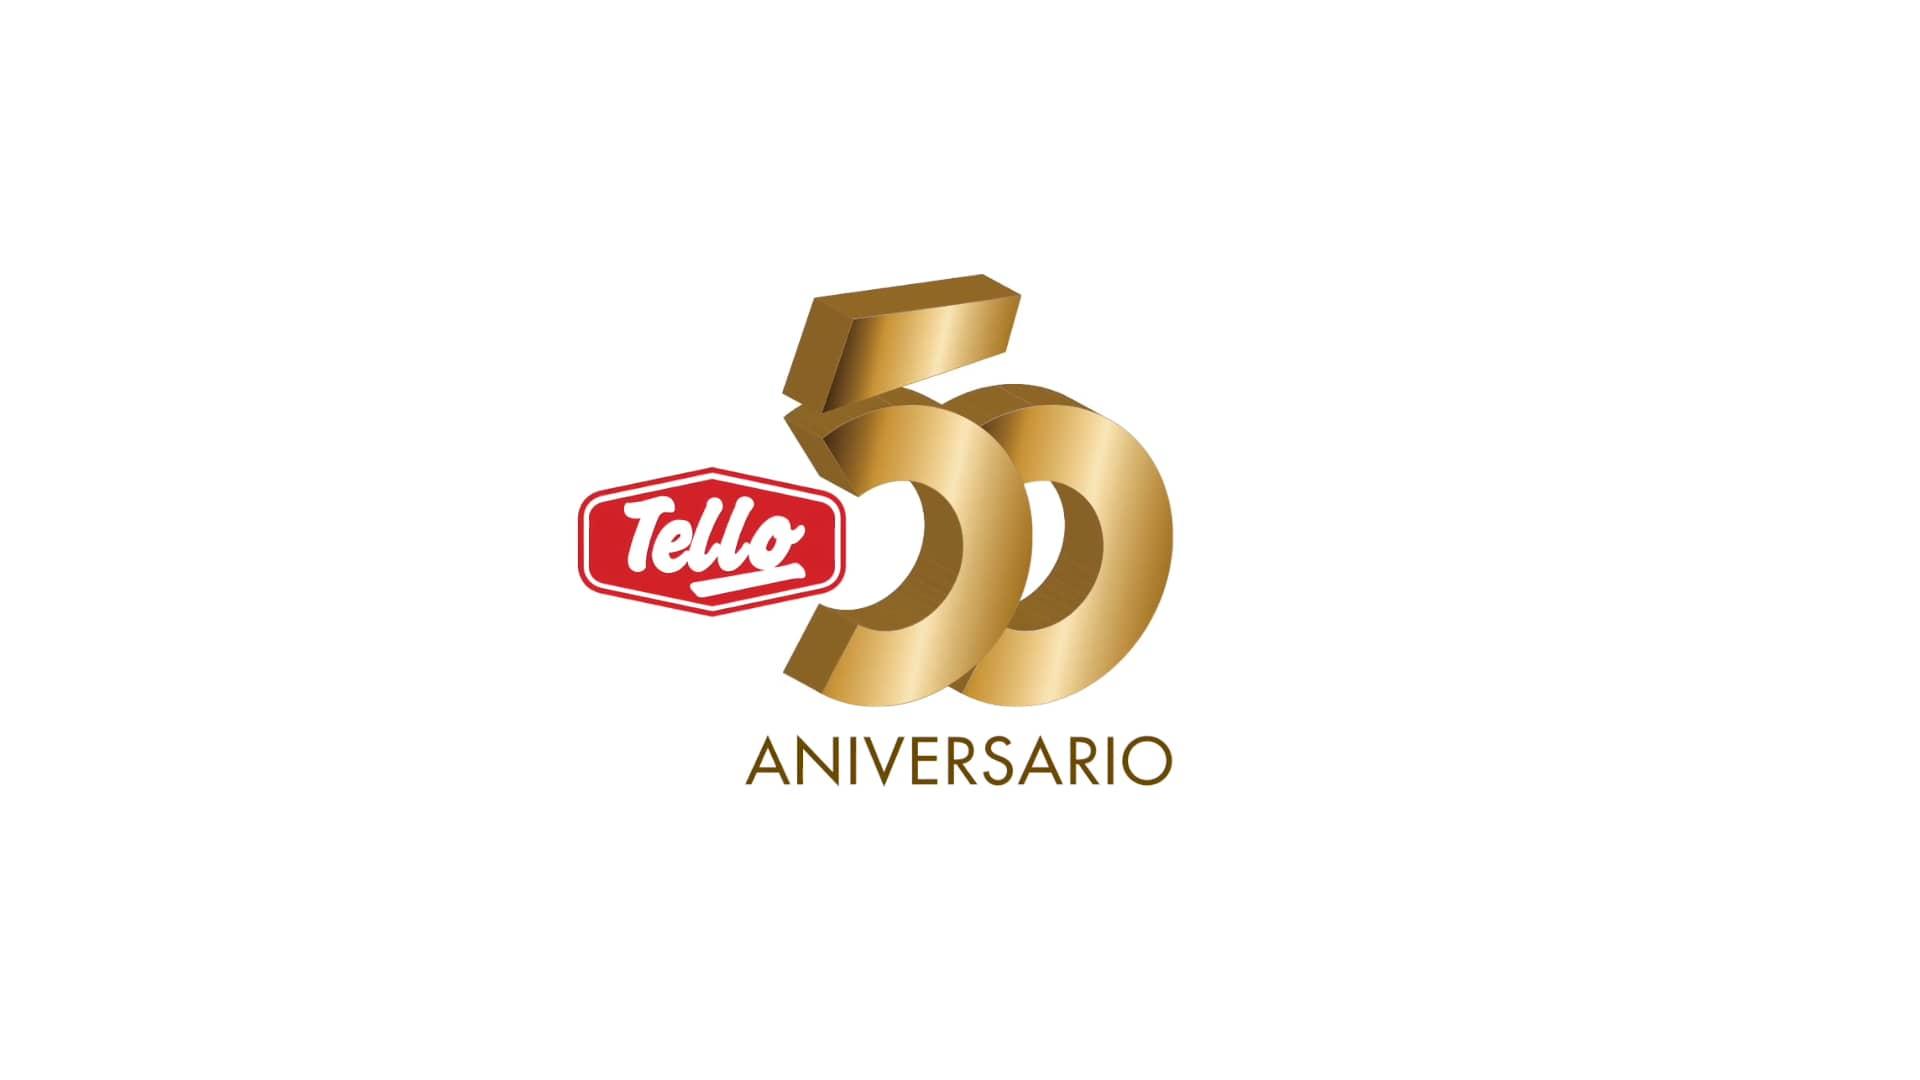 fotografia y video para eventos en madrid Tello 50 aniversario eventop